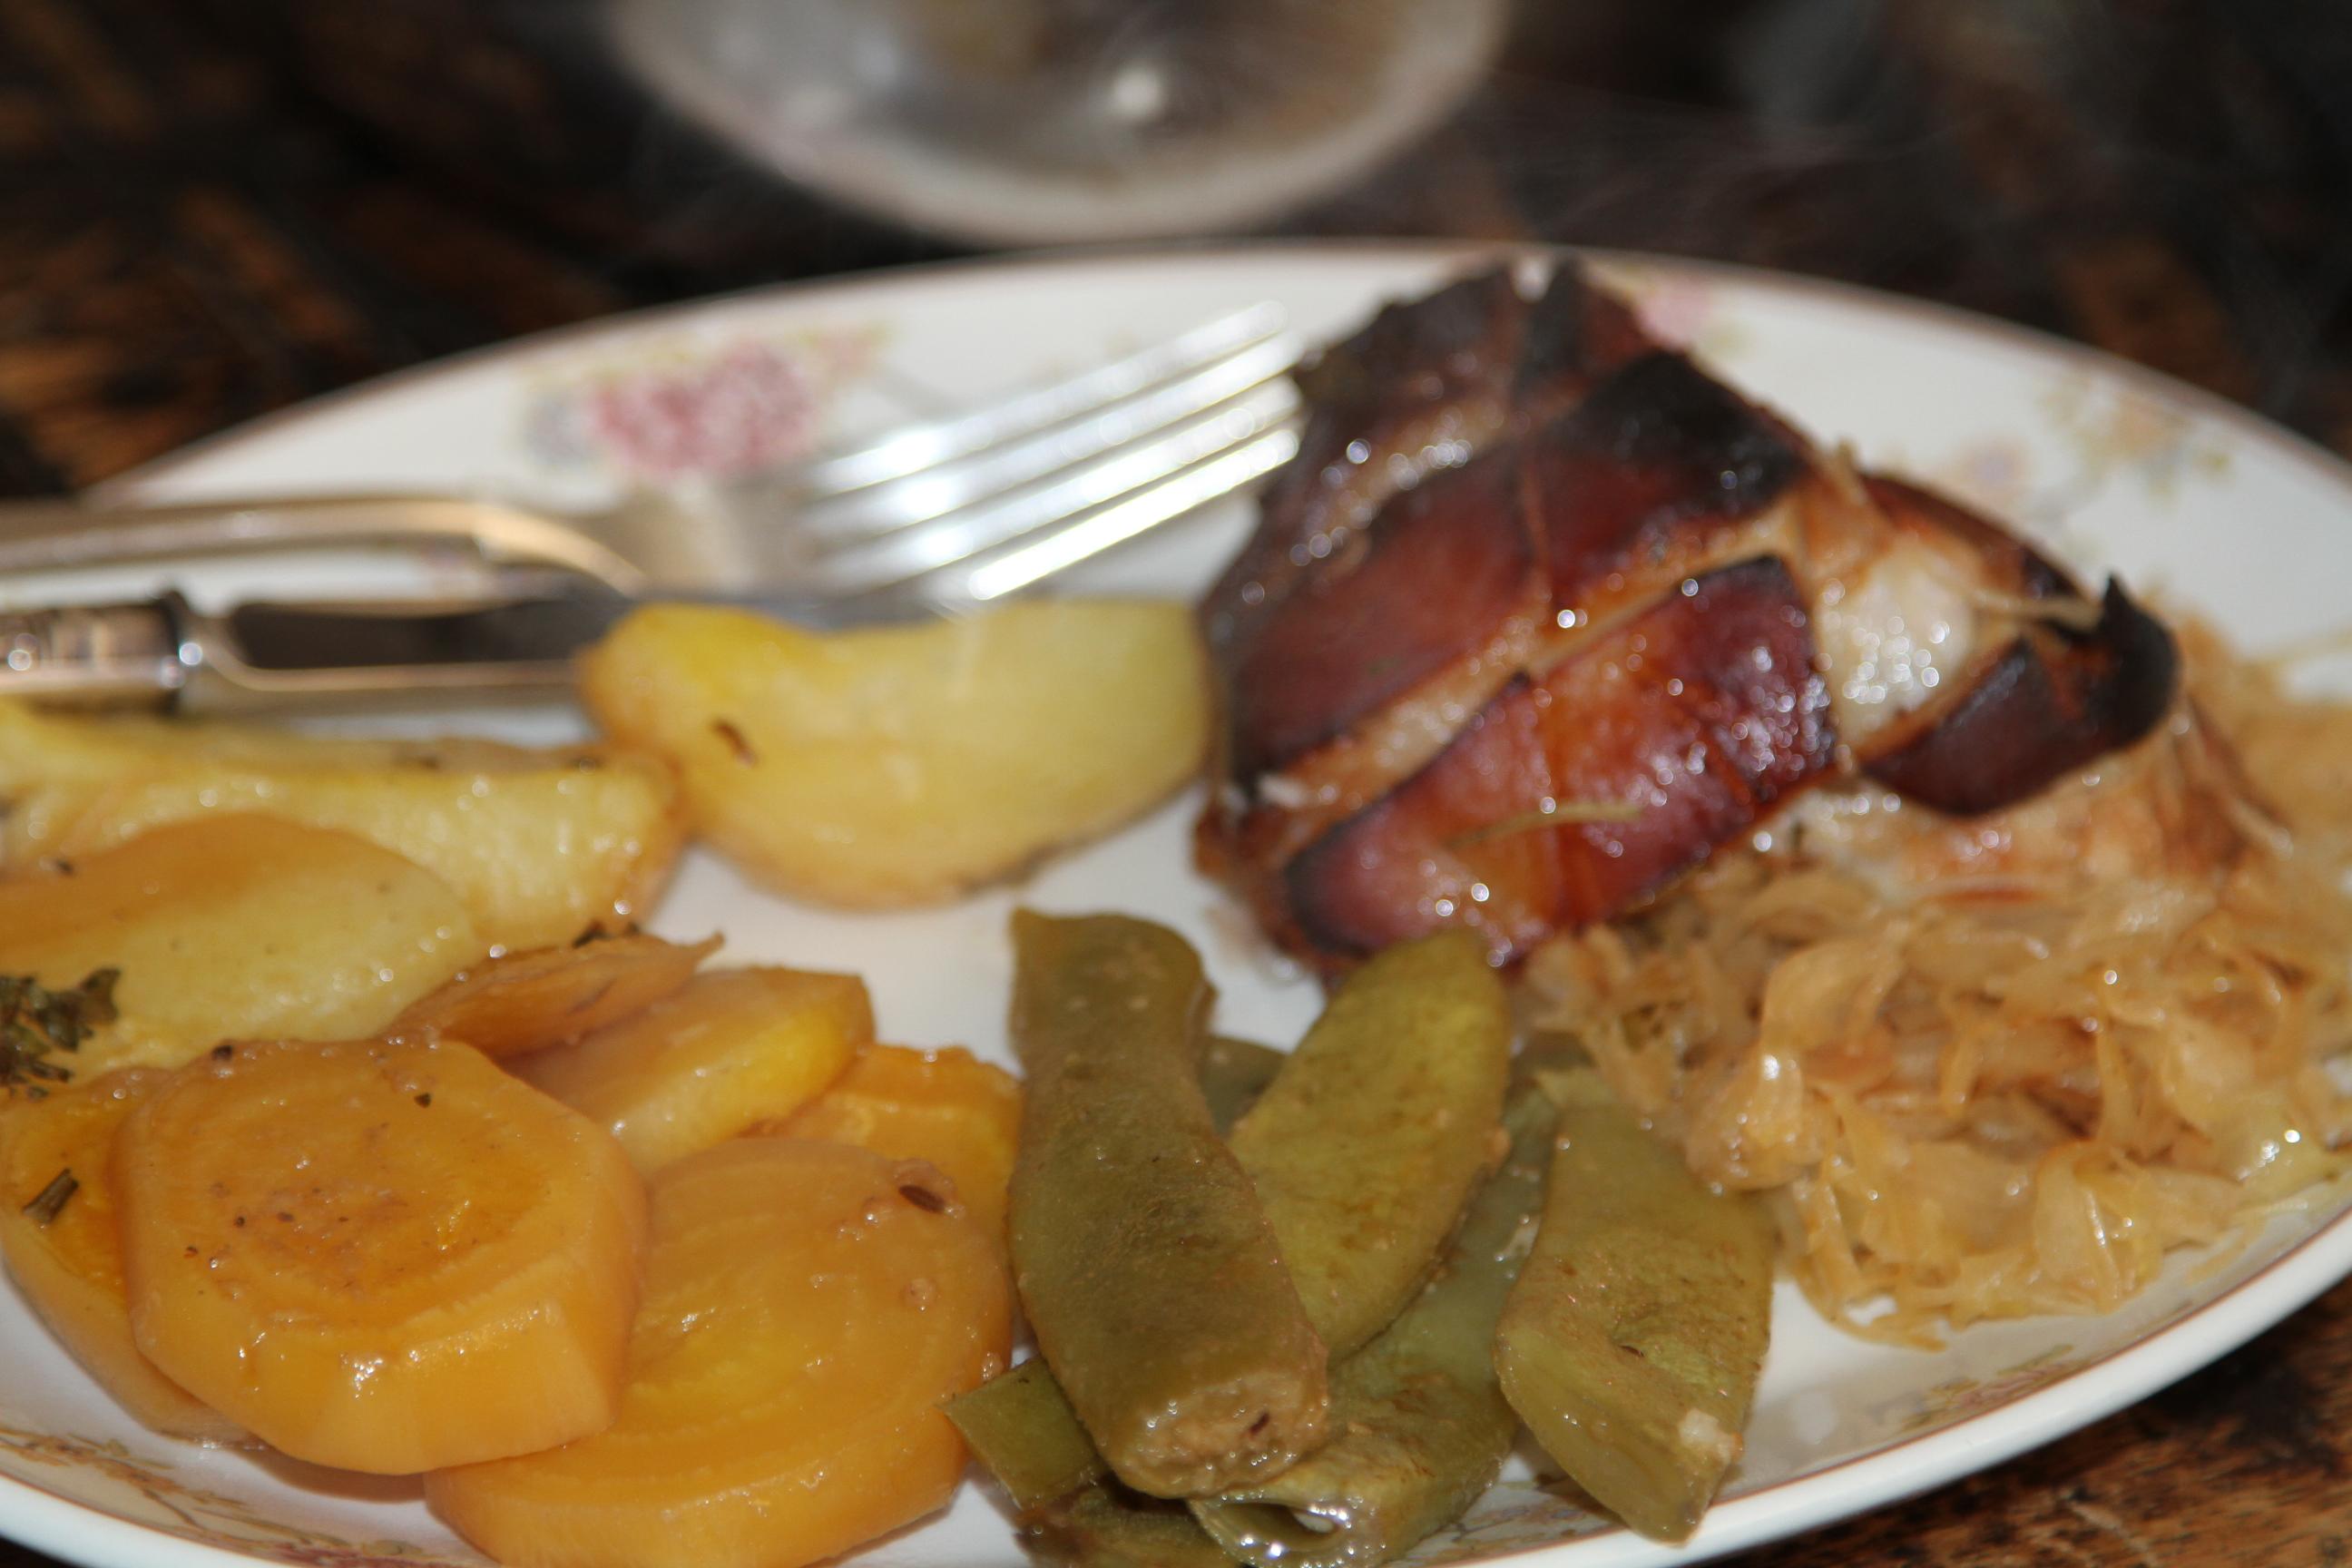 Golonka Delikatna I Rozplywajaca Sie W Ustach Kuchnia Pokolen